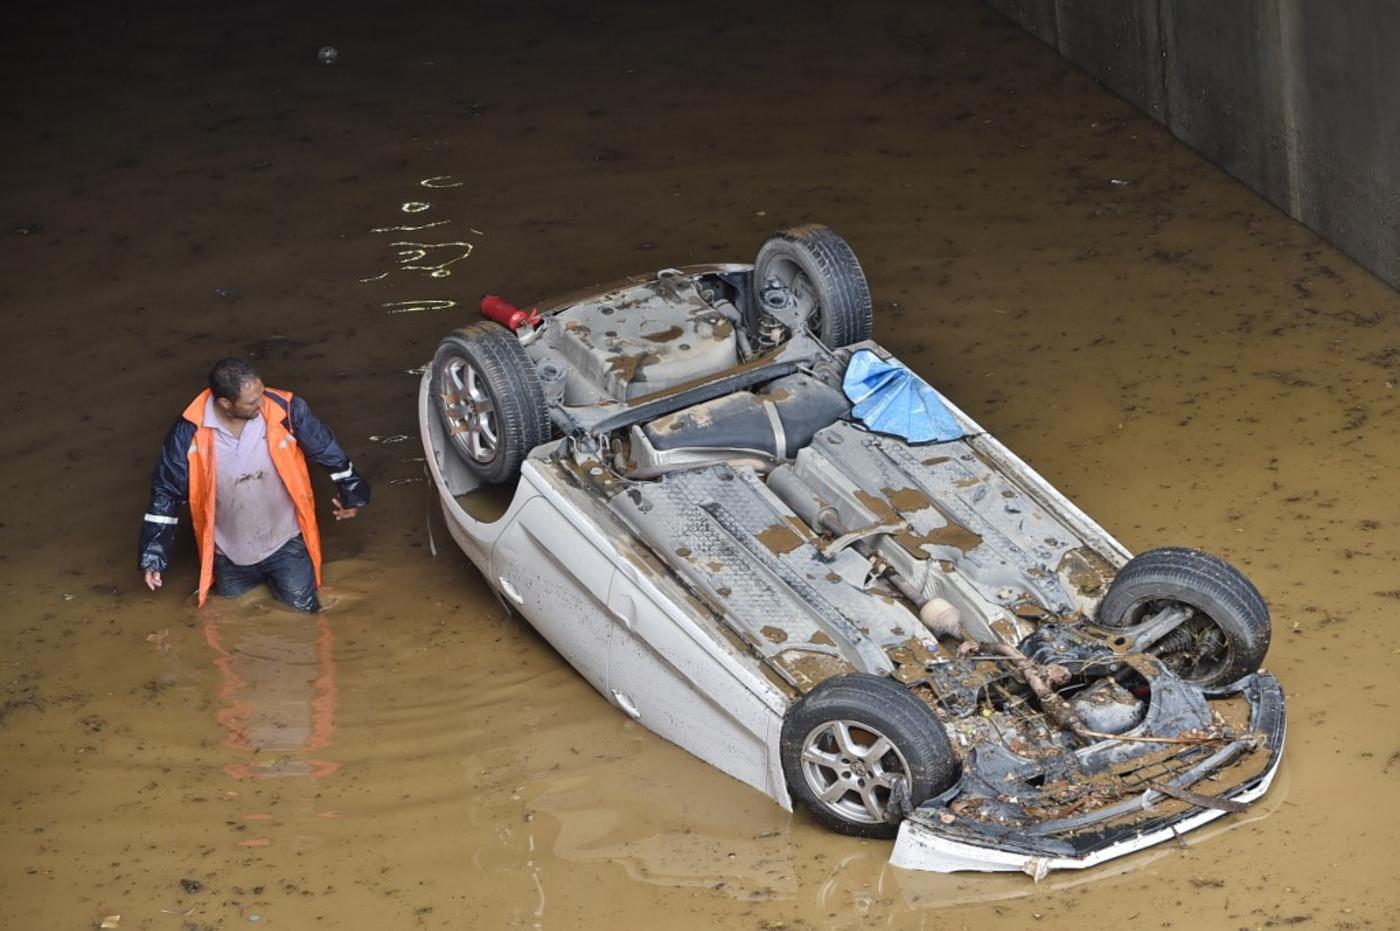 Alger-centre au lendemain de la tempête, le 8 septembre 2020 (AFP)